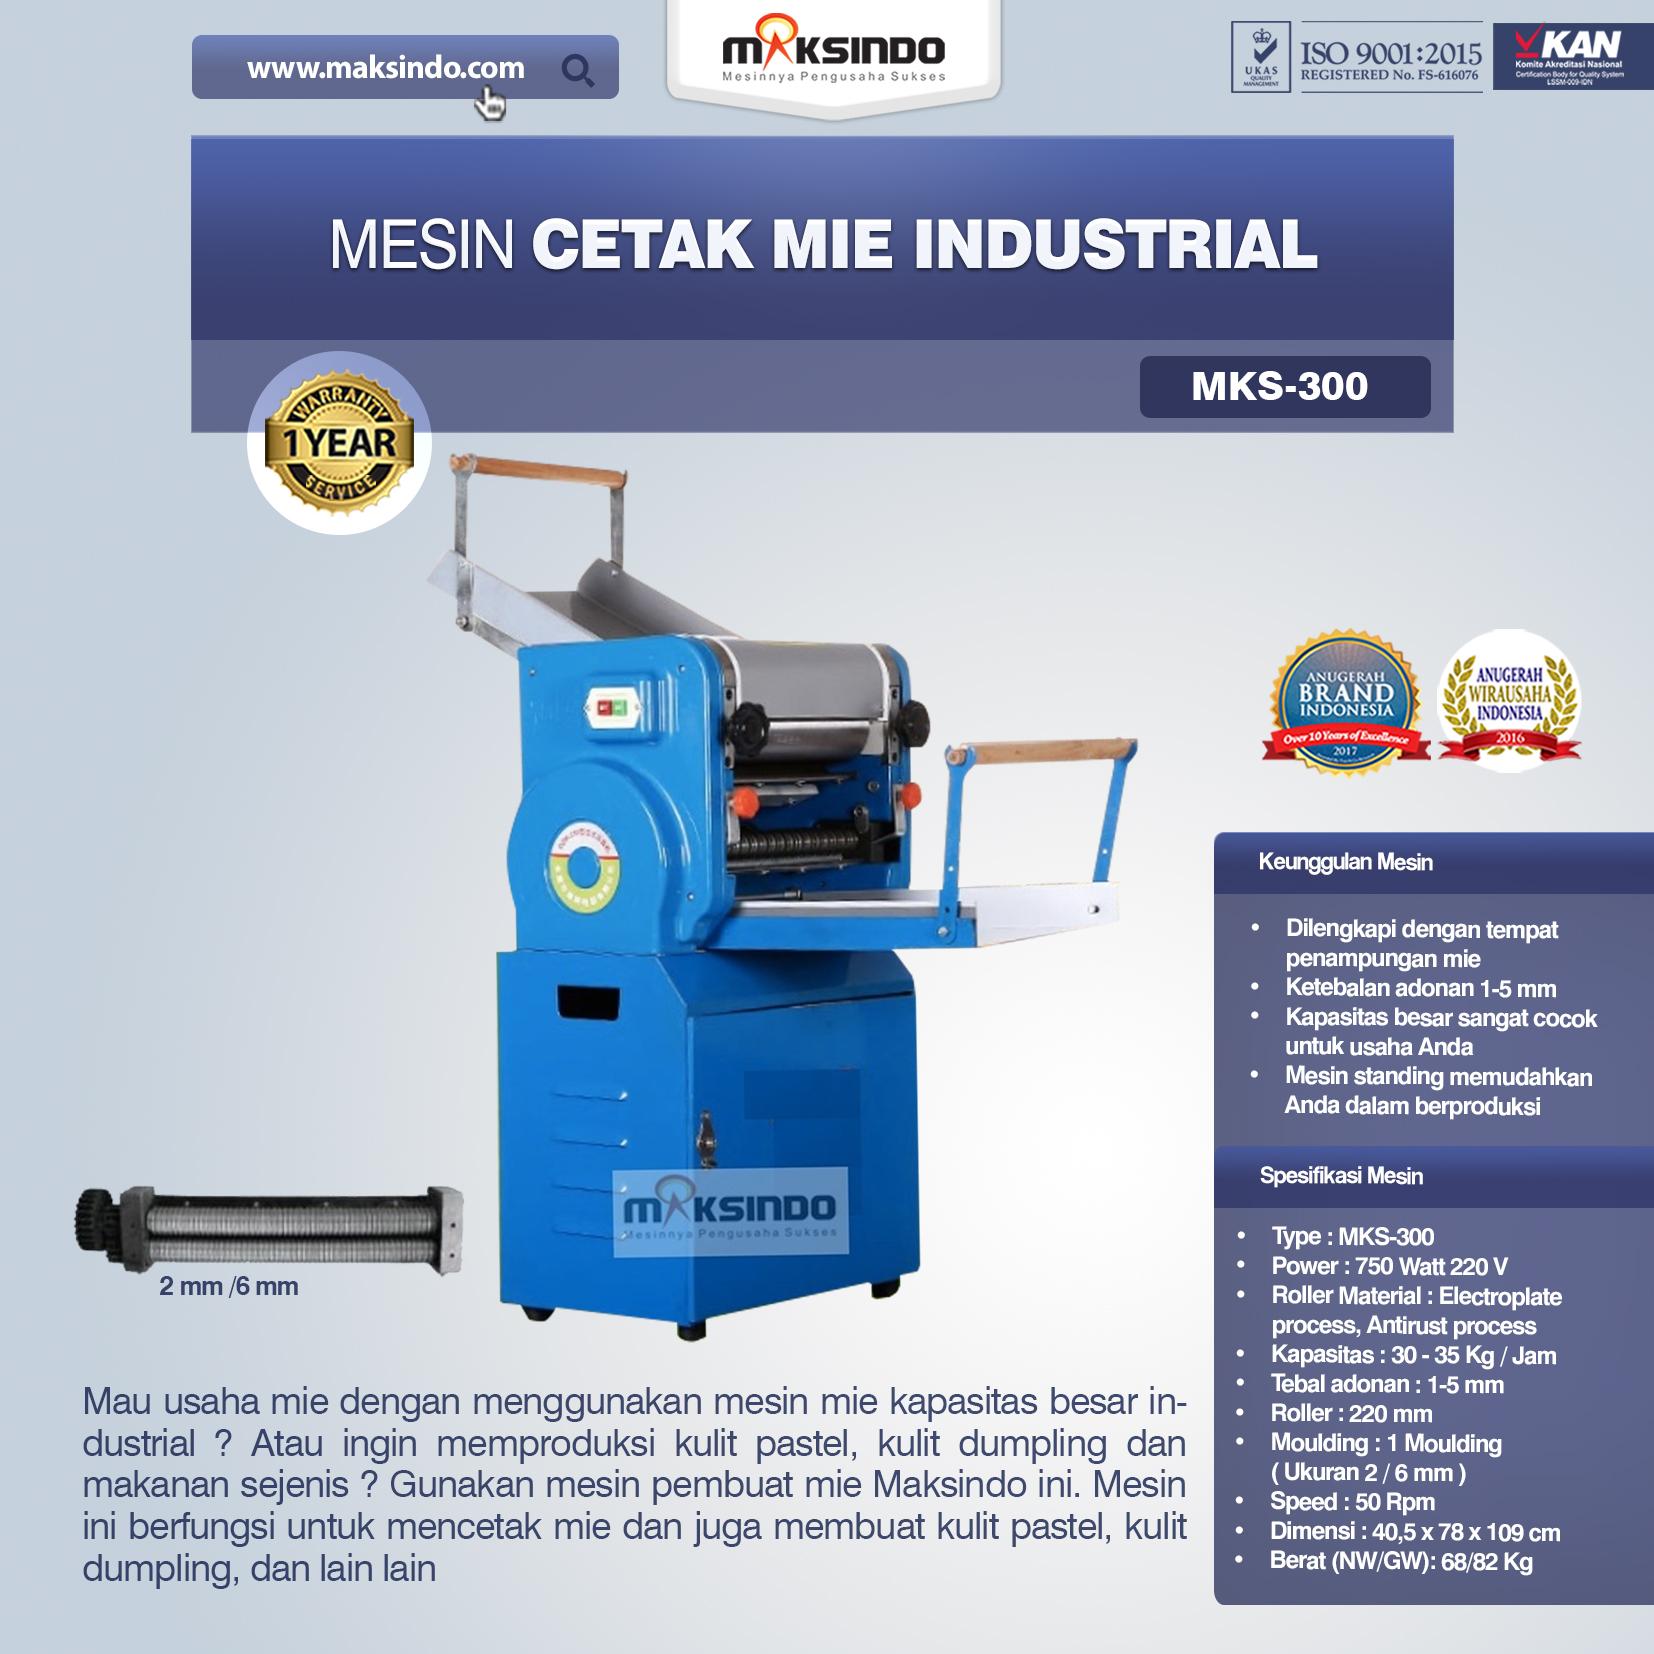 Jual Mesin Cetak Mie Industrial (MKS-300) di Bekasi